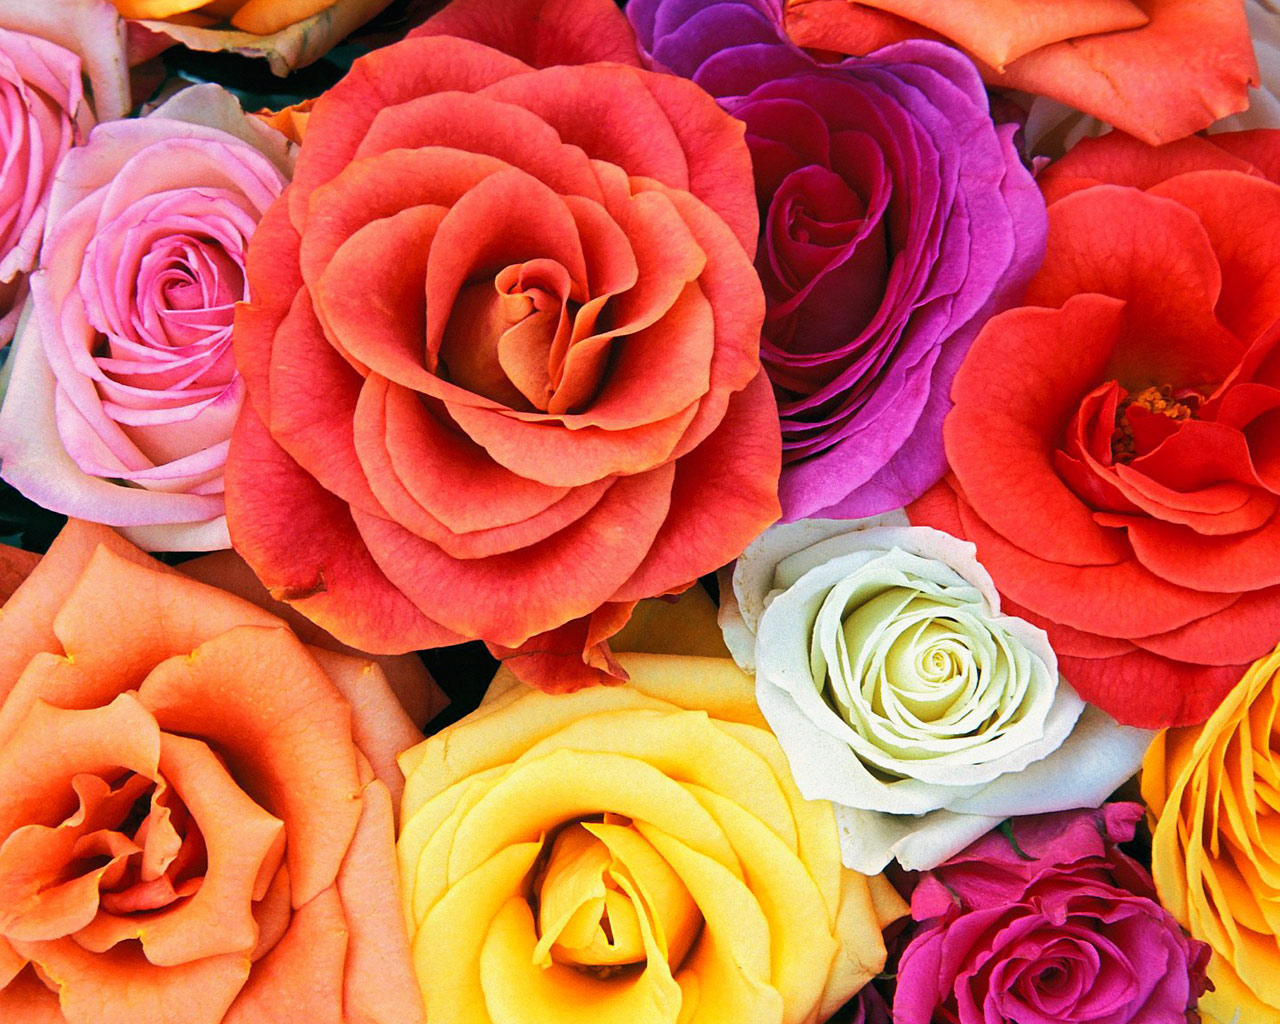 வால்பேப்பர்கள் ( flowers wallpapers ) - Page 5 _beautiful_flower_00015